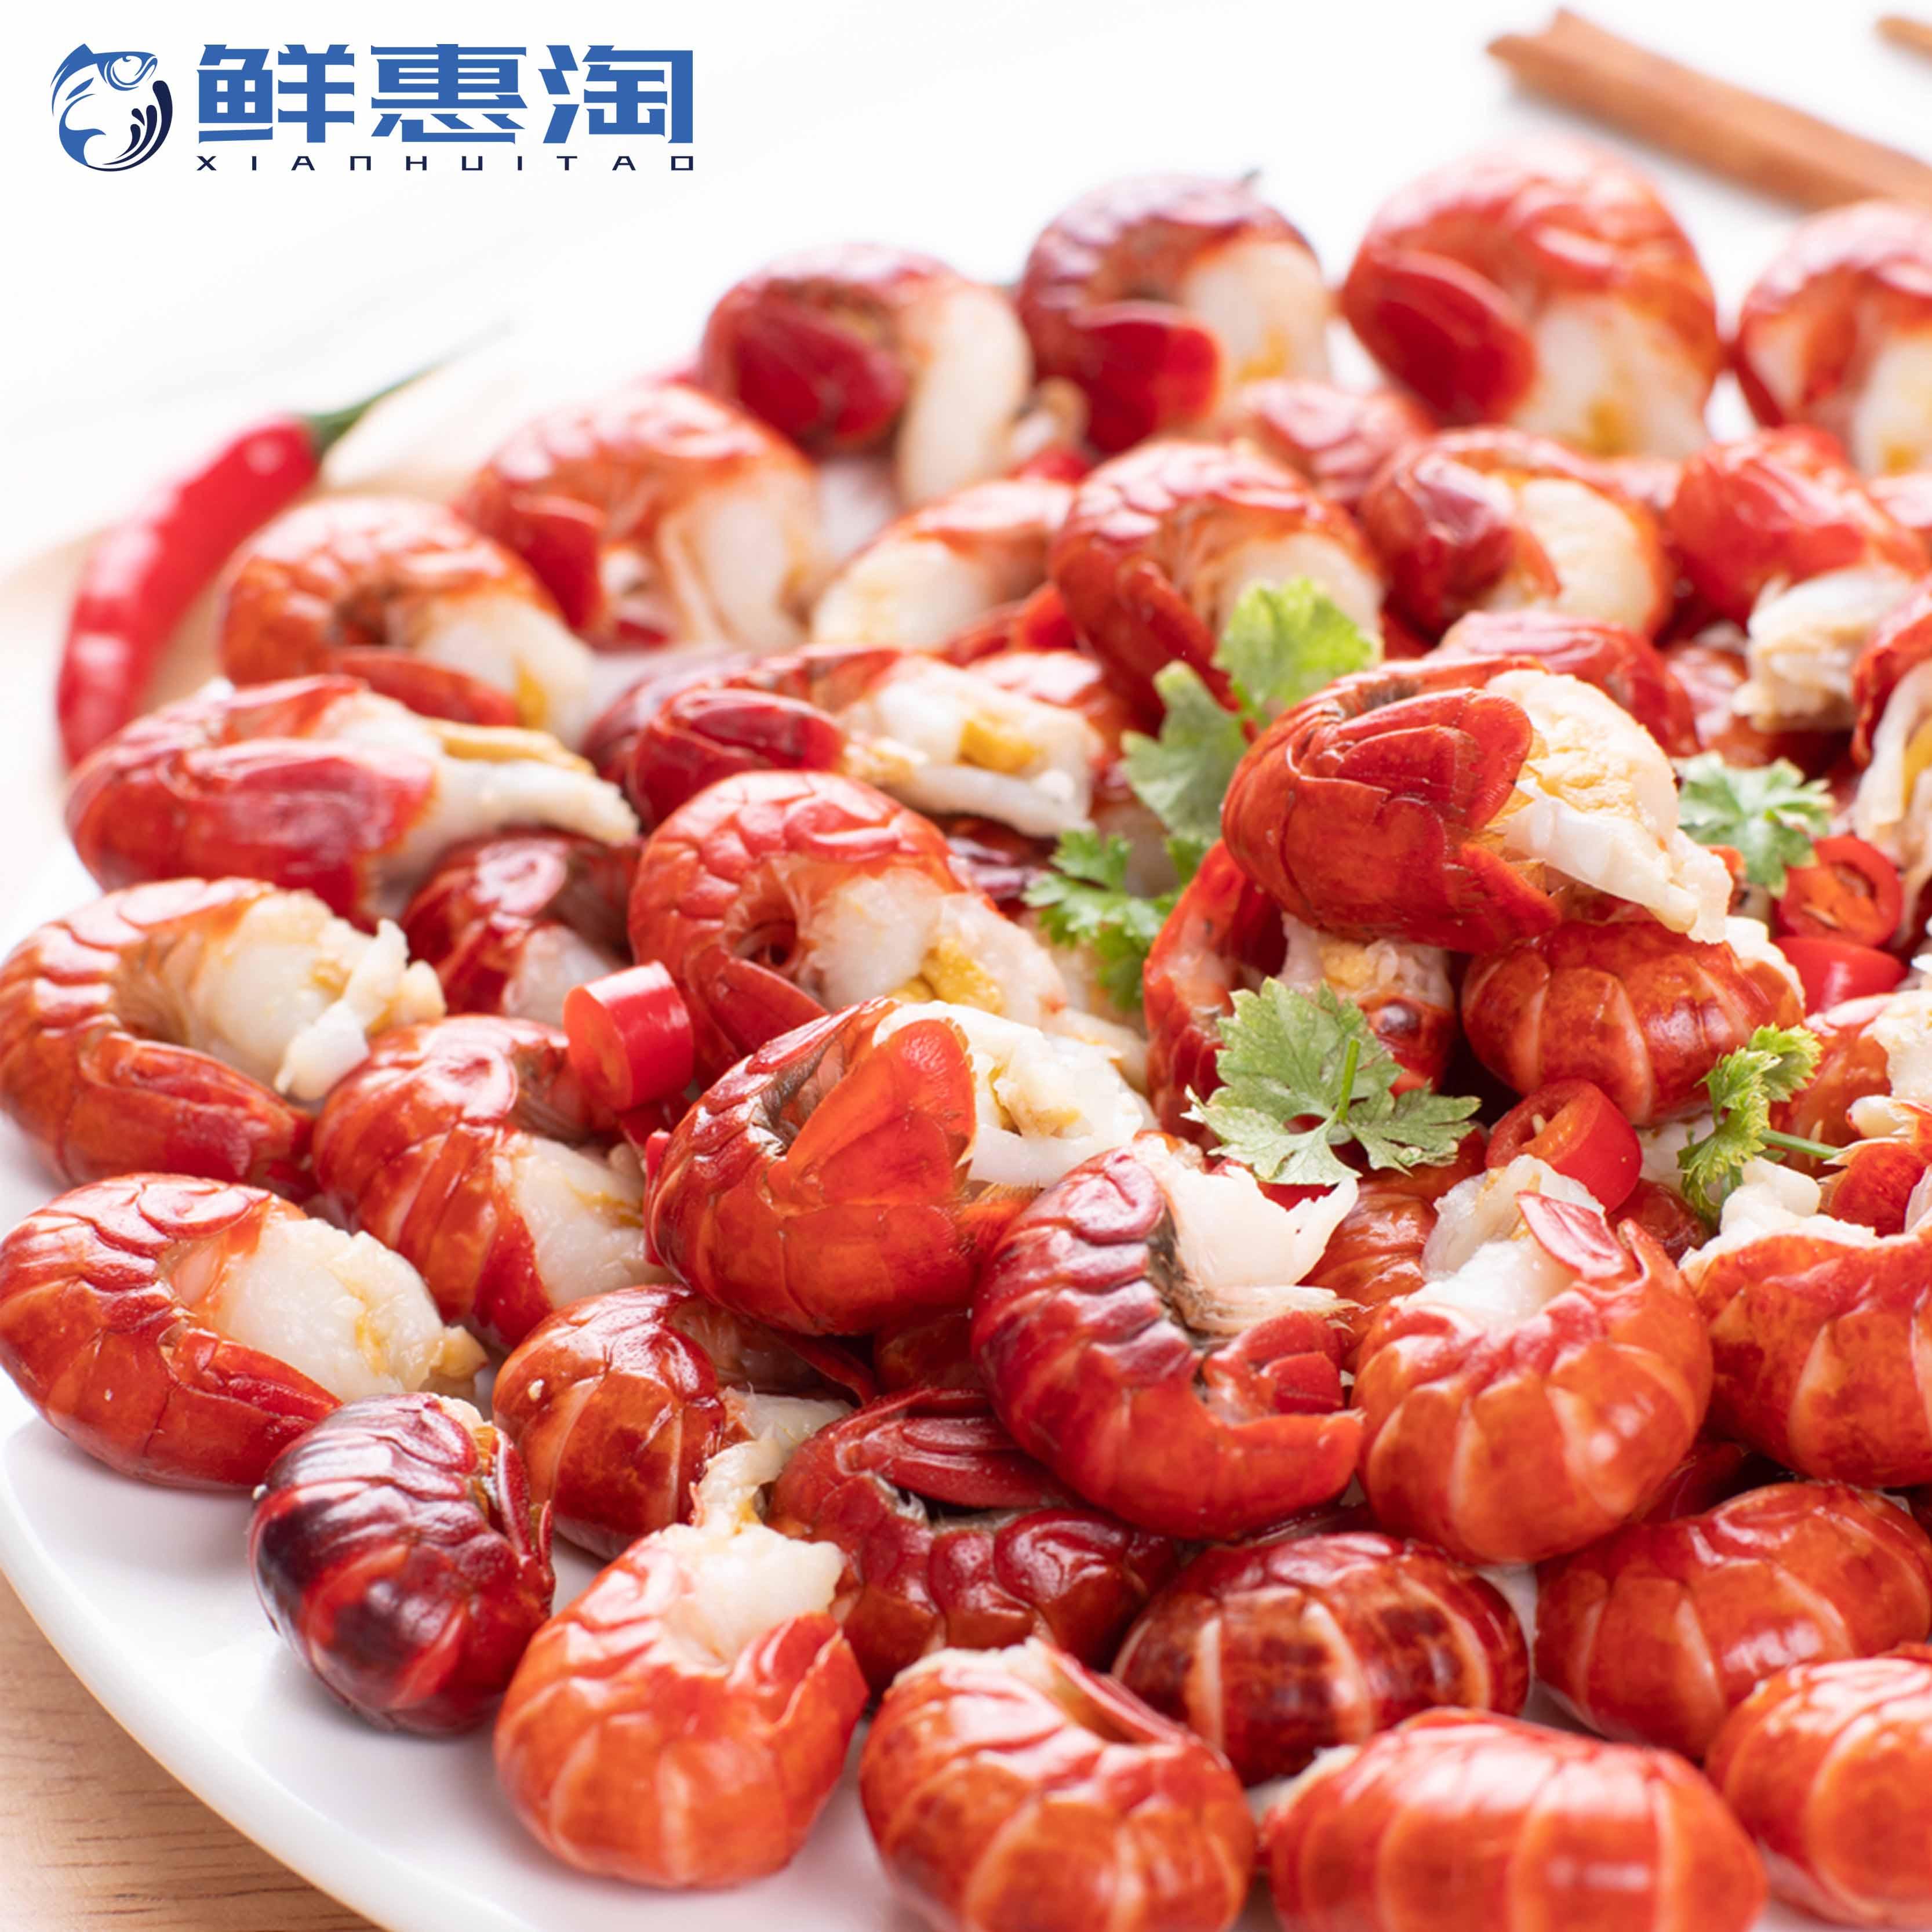 鲜惠淘 即食麻辣小龙虾尾 500g*3件